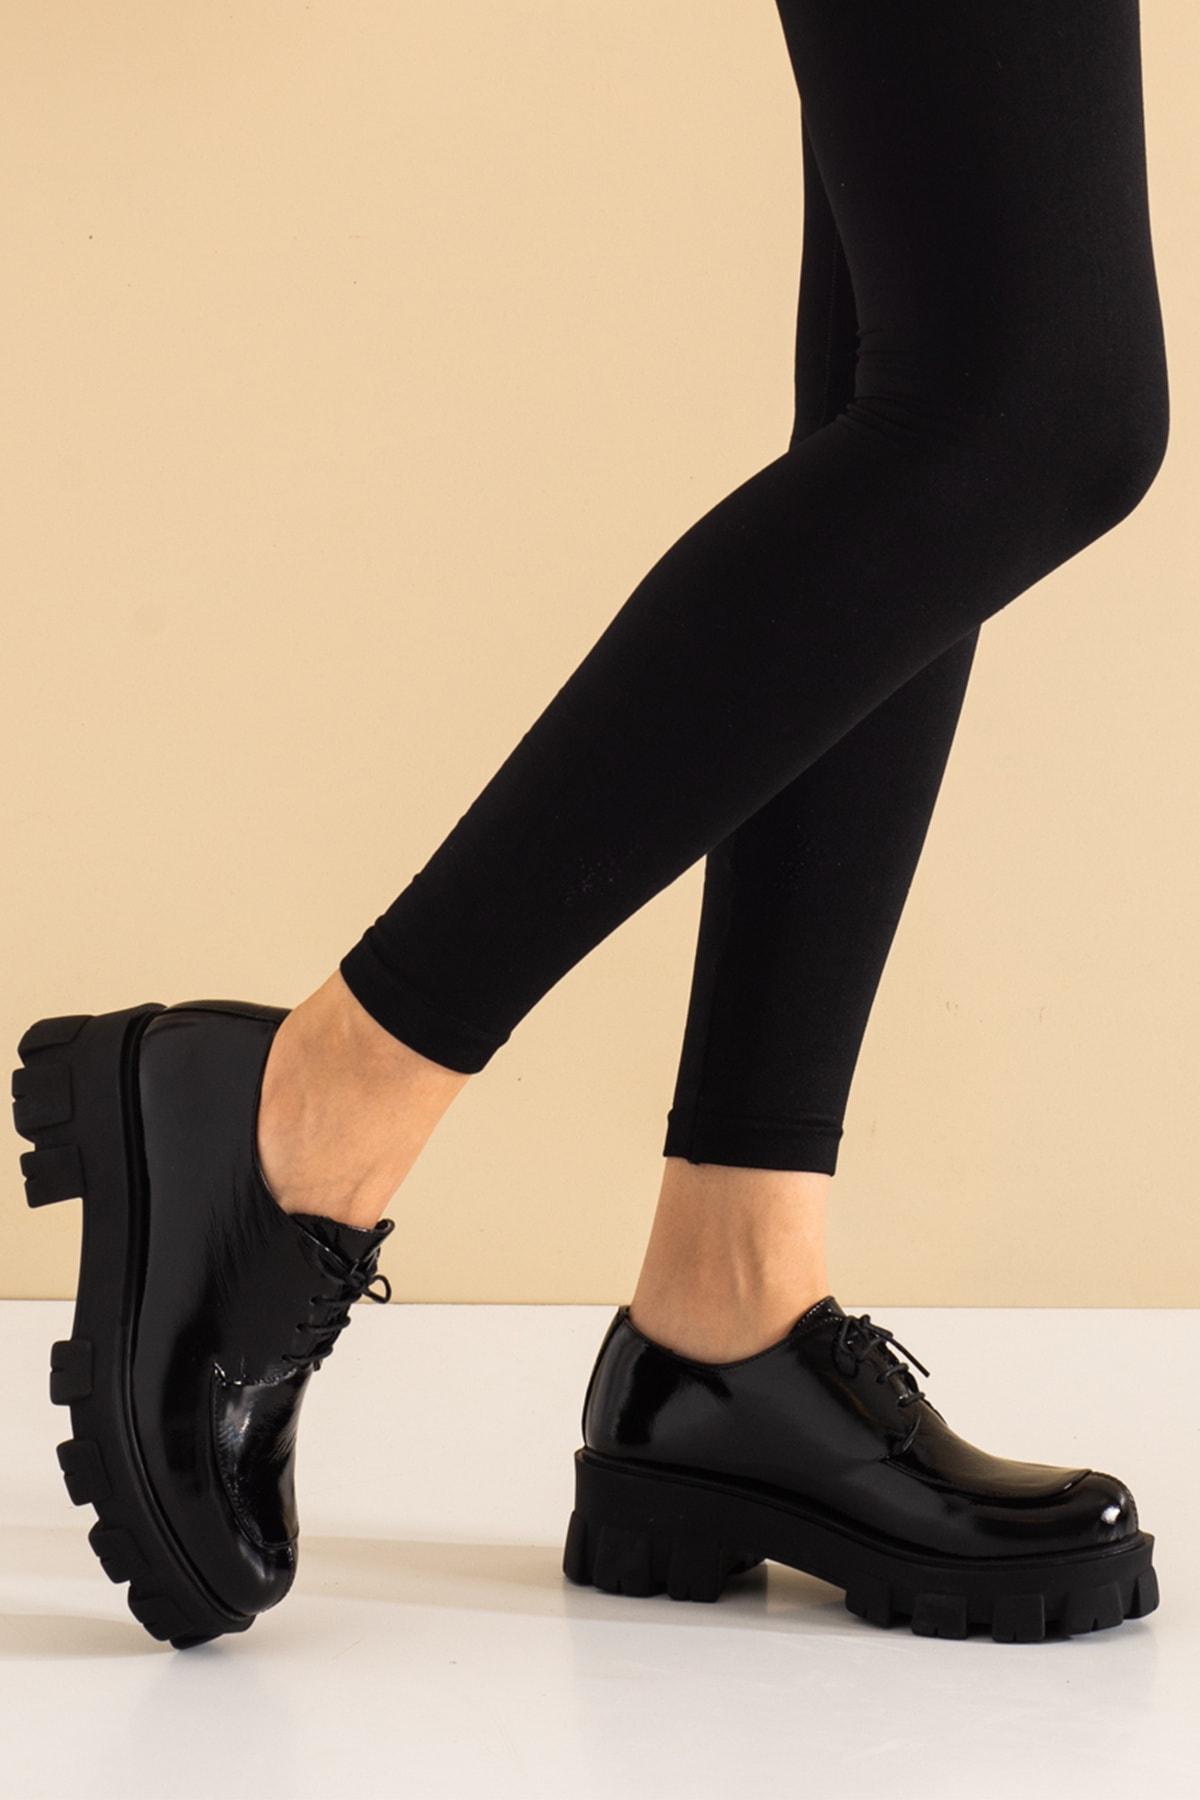 Hakiki Deri Parlak Siyah Kırışık Rugan Kalın Tabanlı Bayan Ayakkabı